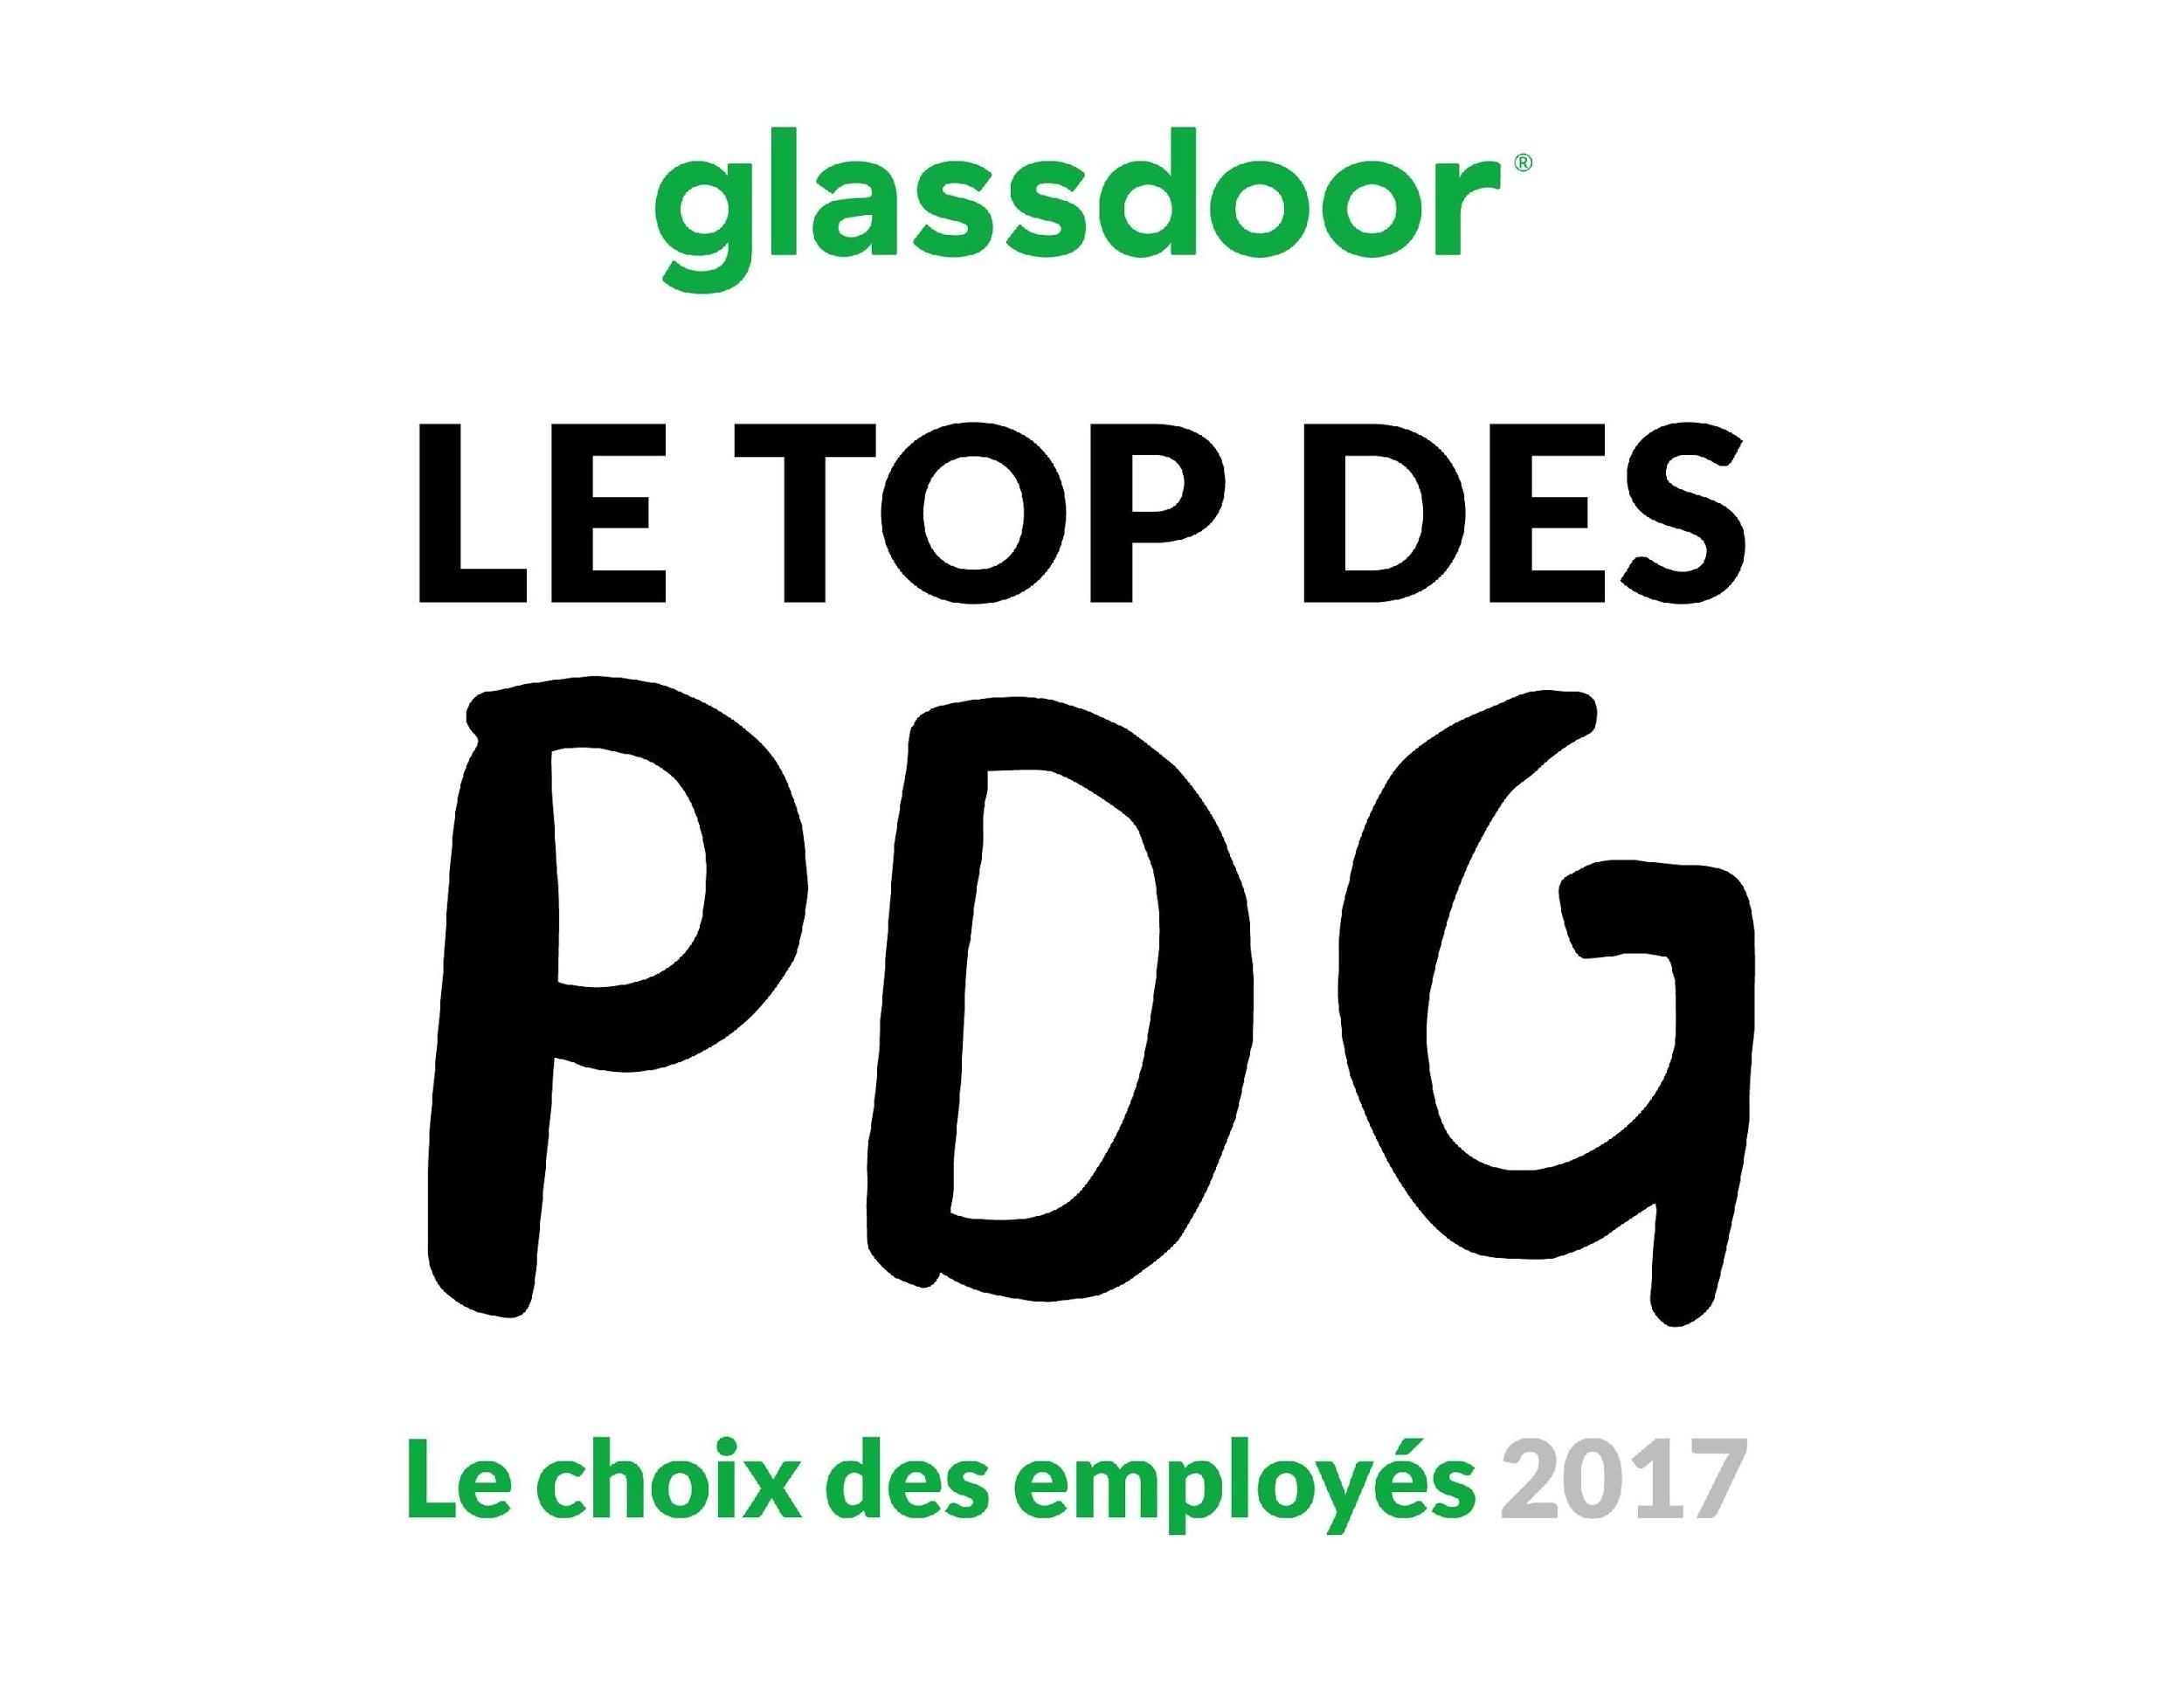 Glassdoor révèle le Top des PDG 2017 dans le cadre des ...